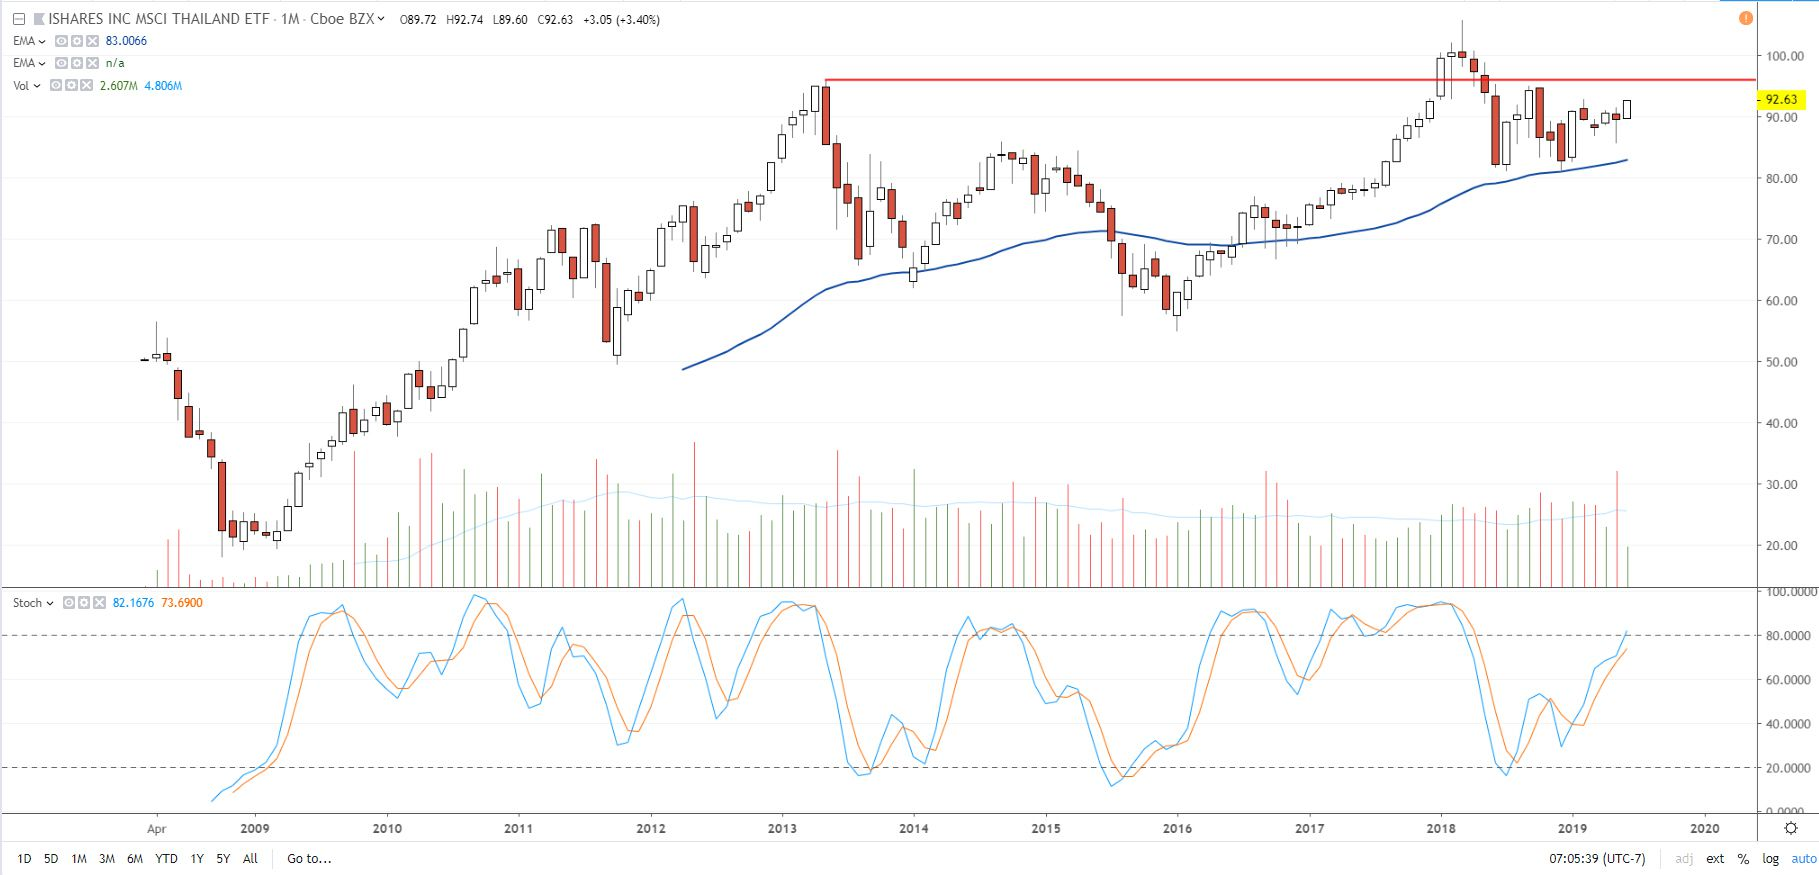 Chart die Kursentwicklung des iShares MSCI Thailand Capped ETF zeigt (THD)